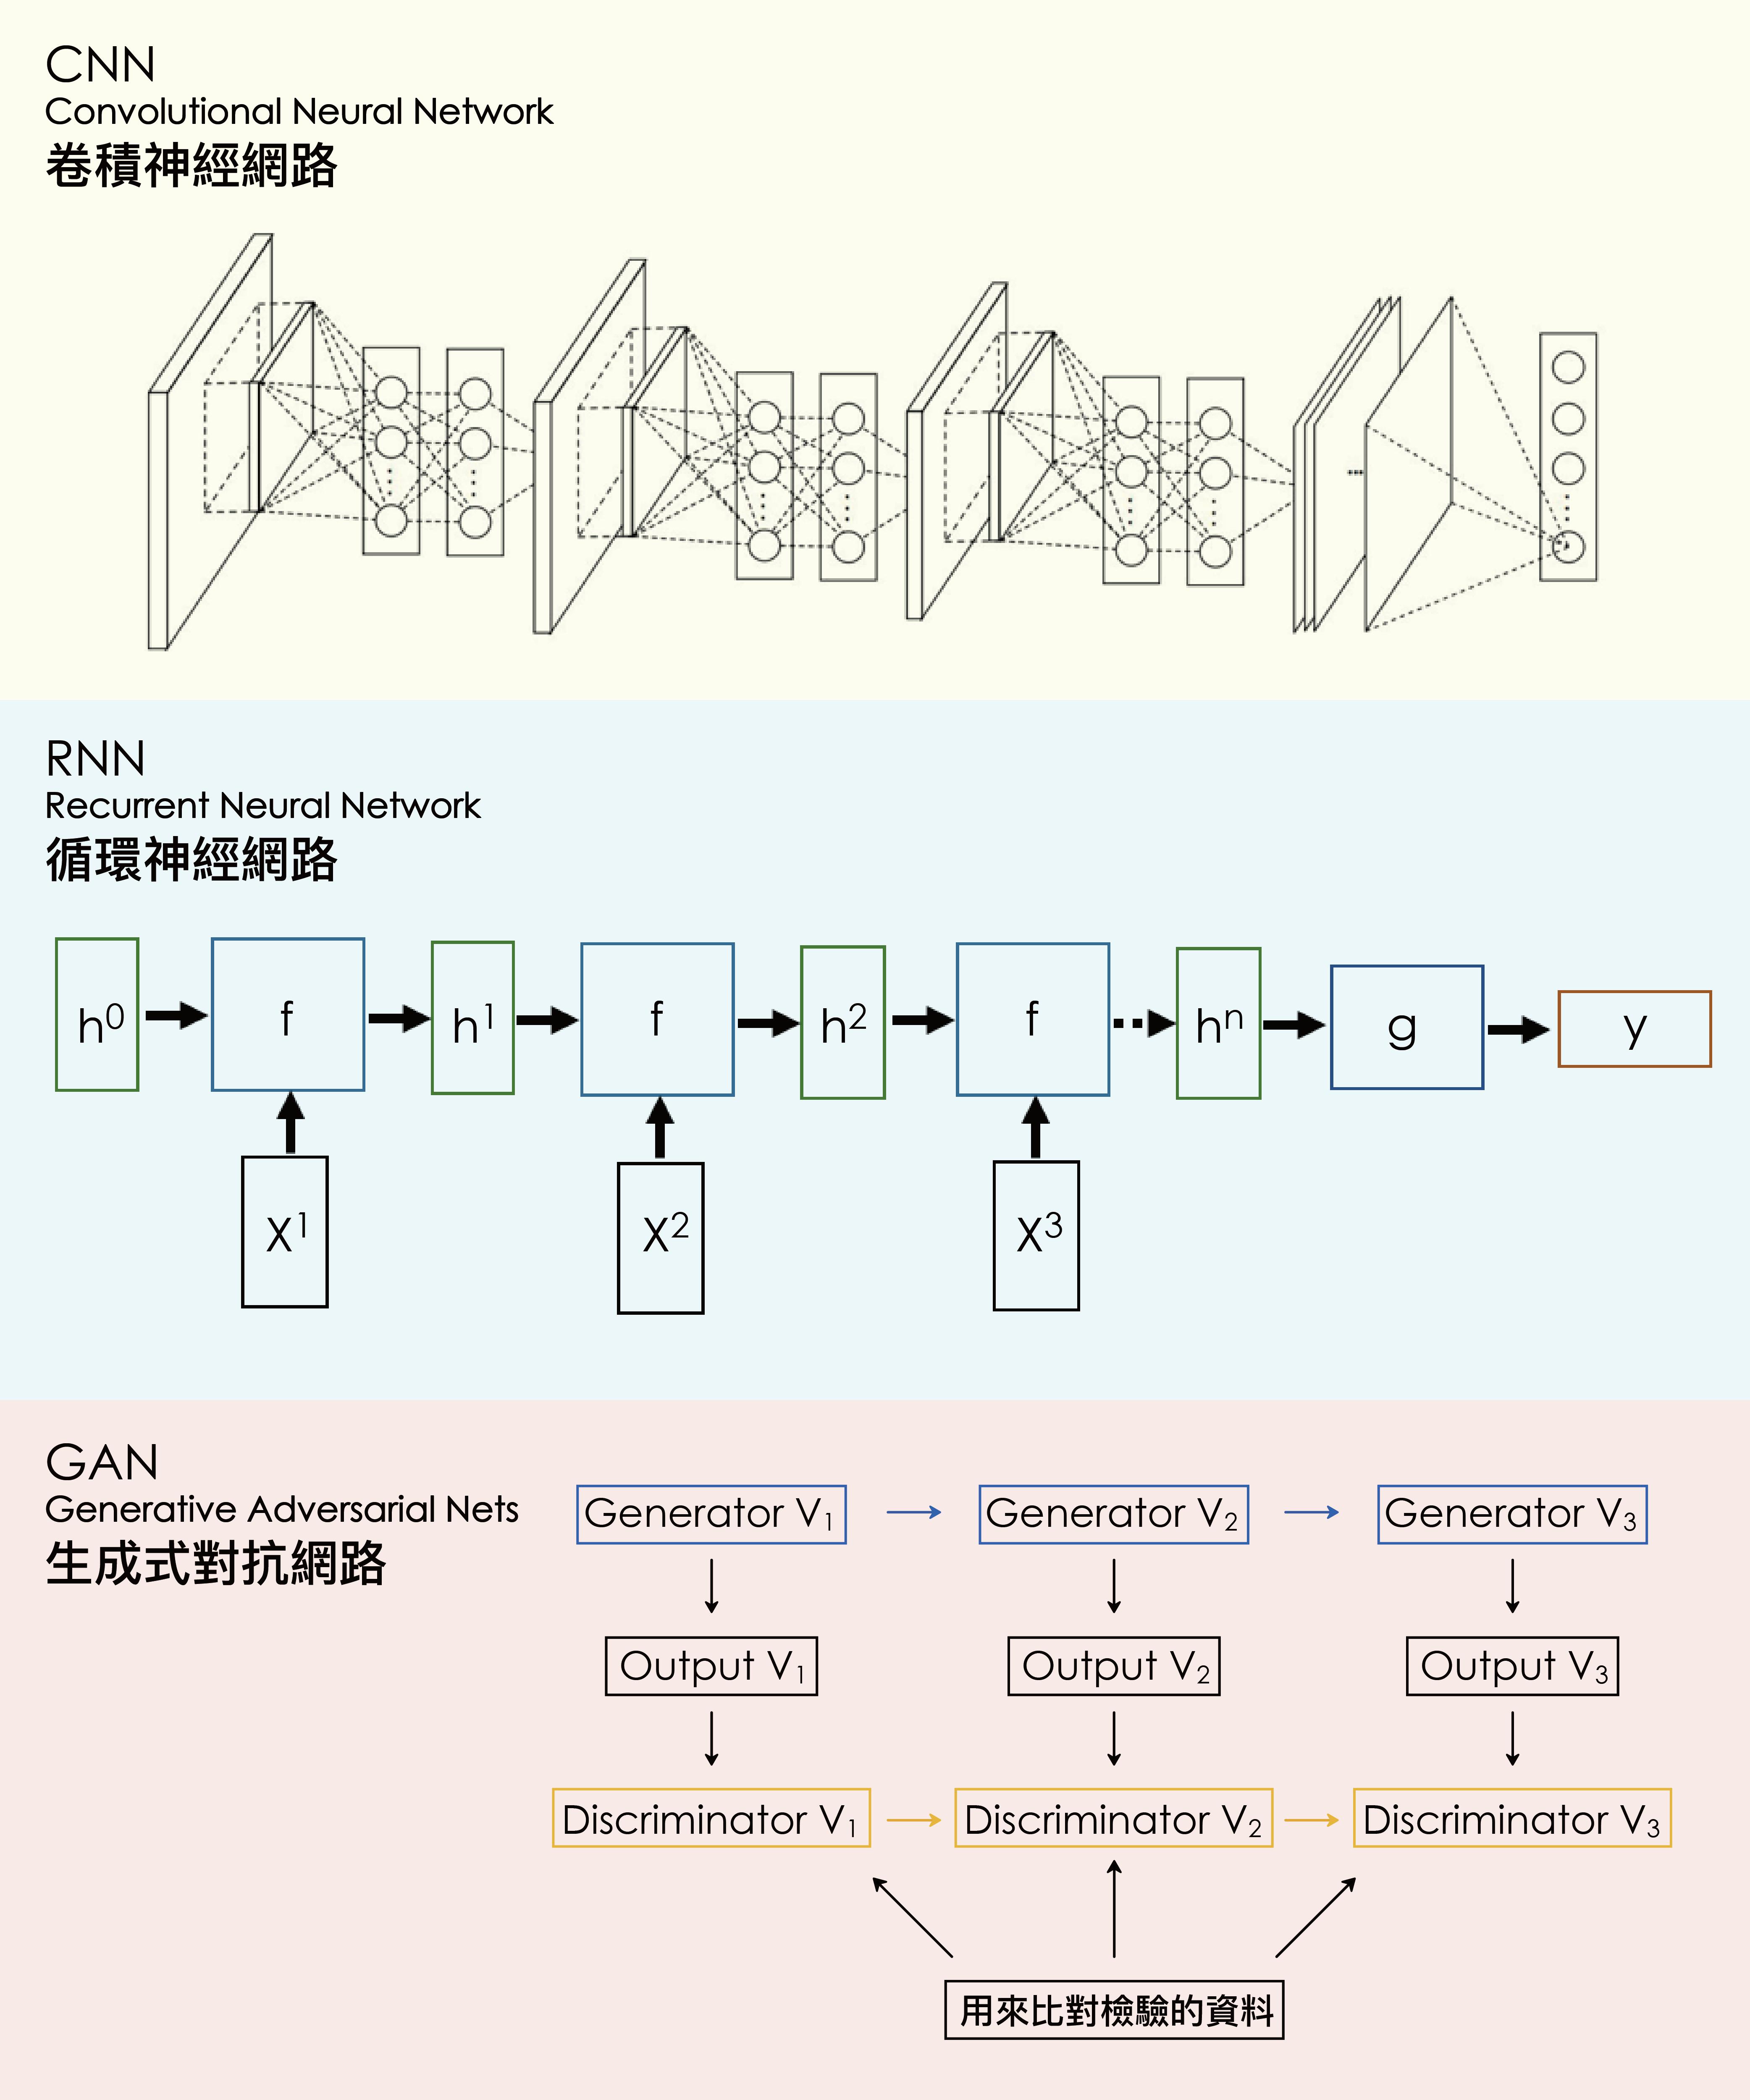 深度學習常使用的三種神經網路架構示意:CNN, RNN, GAN圖│研之有物 (資料來源│李宏毅)